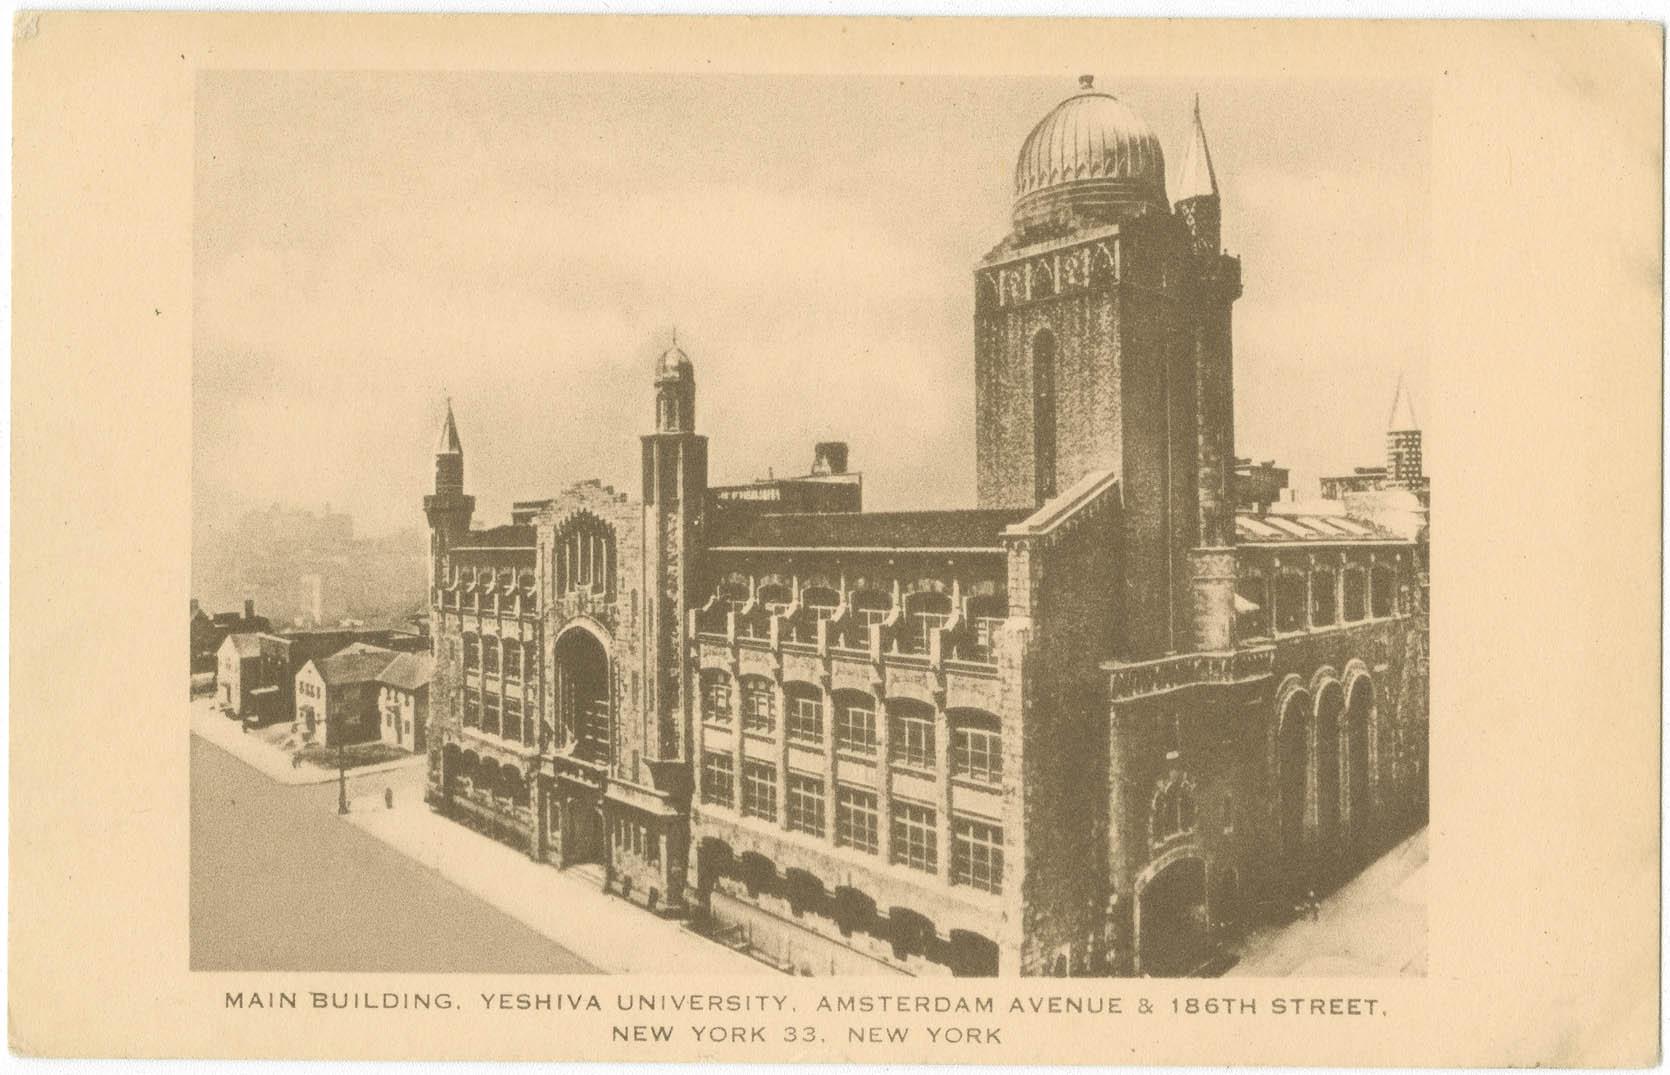 Main Building. Yeshiva University, Amsterdam Avenue & 186th Street, New York 33, New York